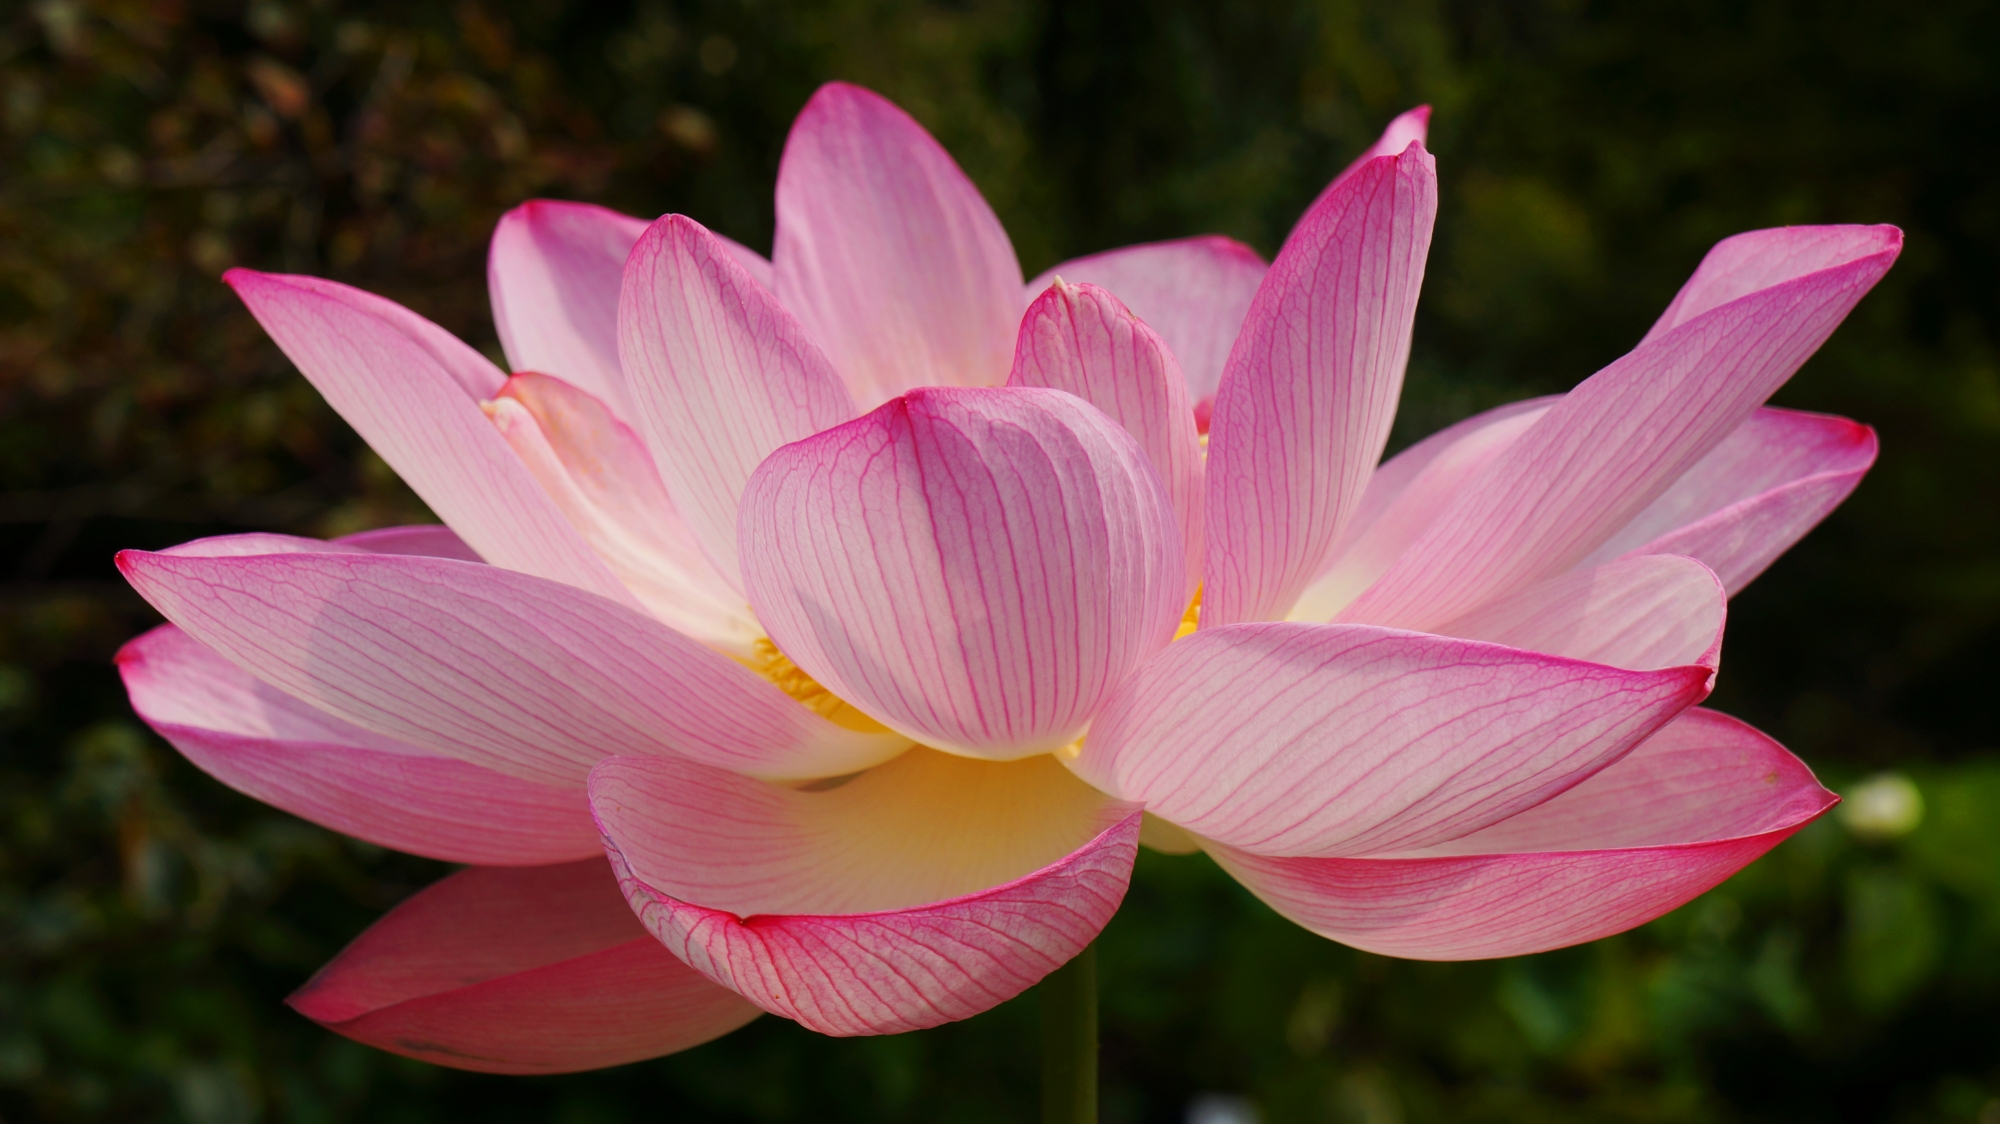 日が差して淡く輝く法金剛院の蓮の花びら